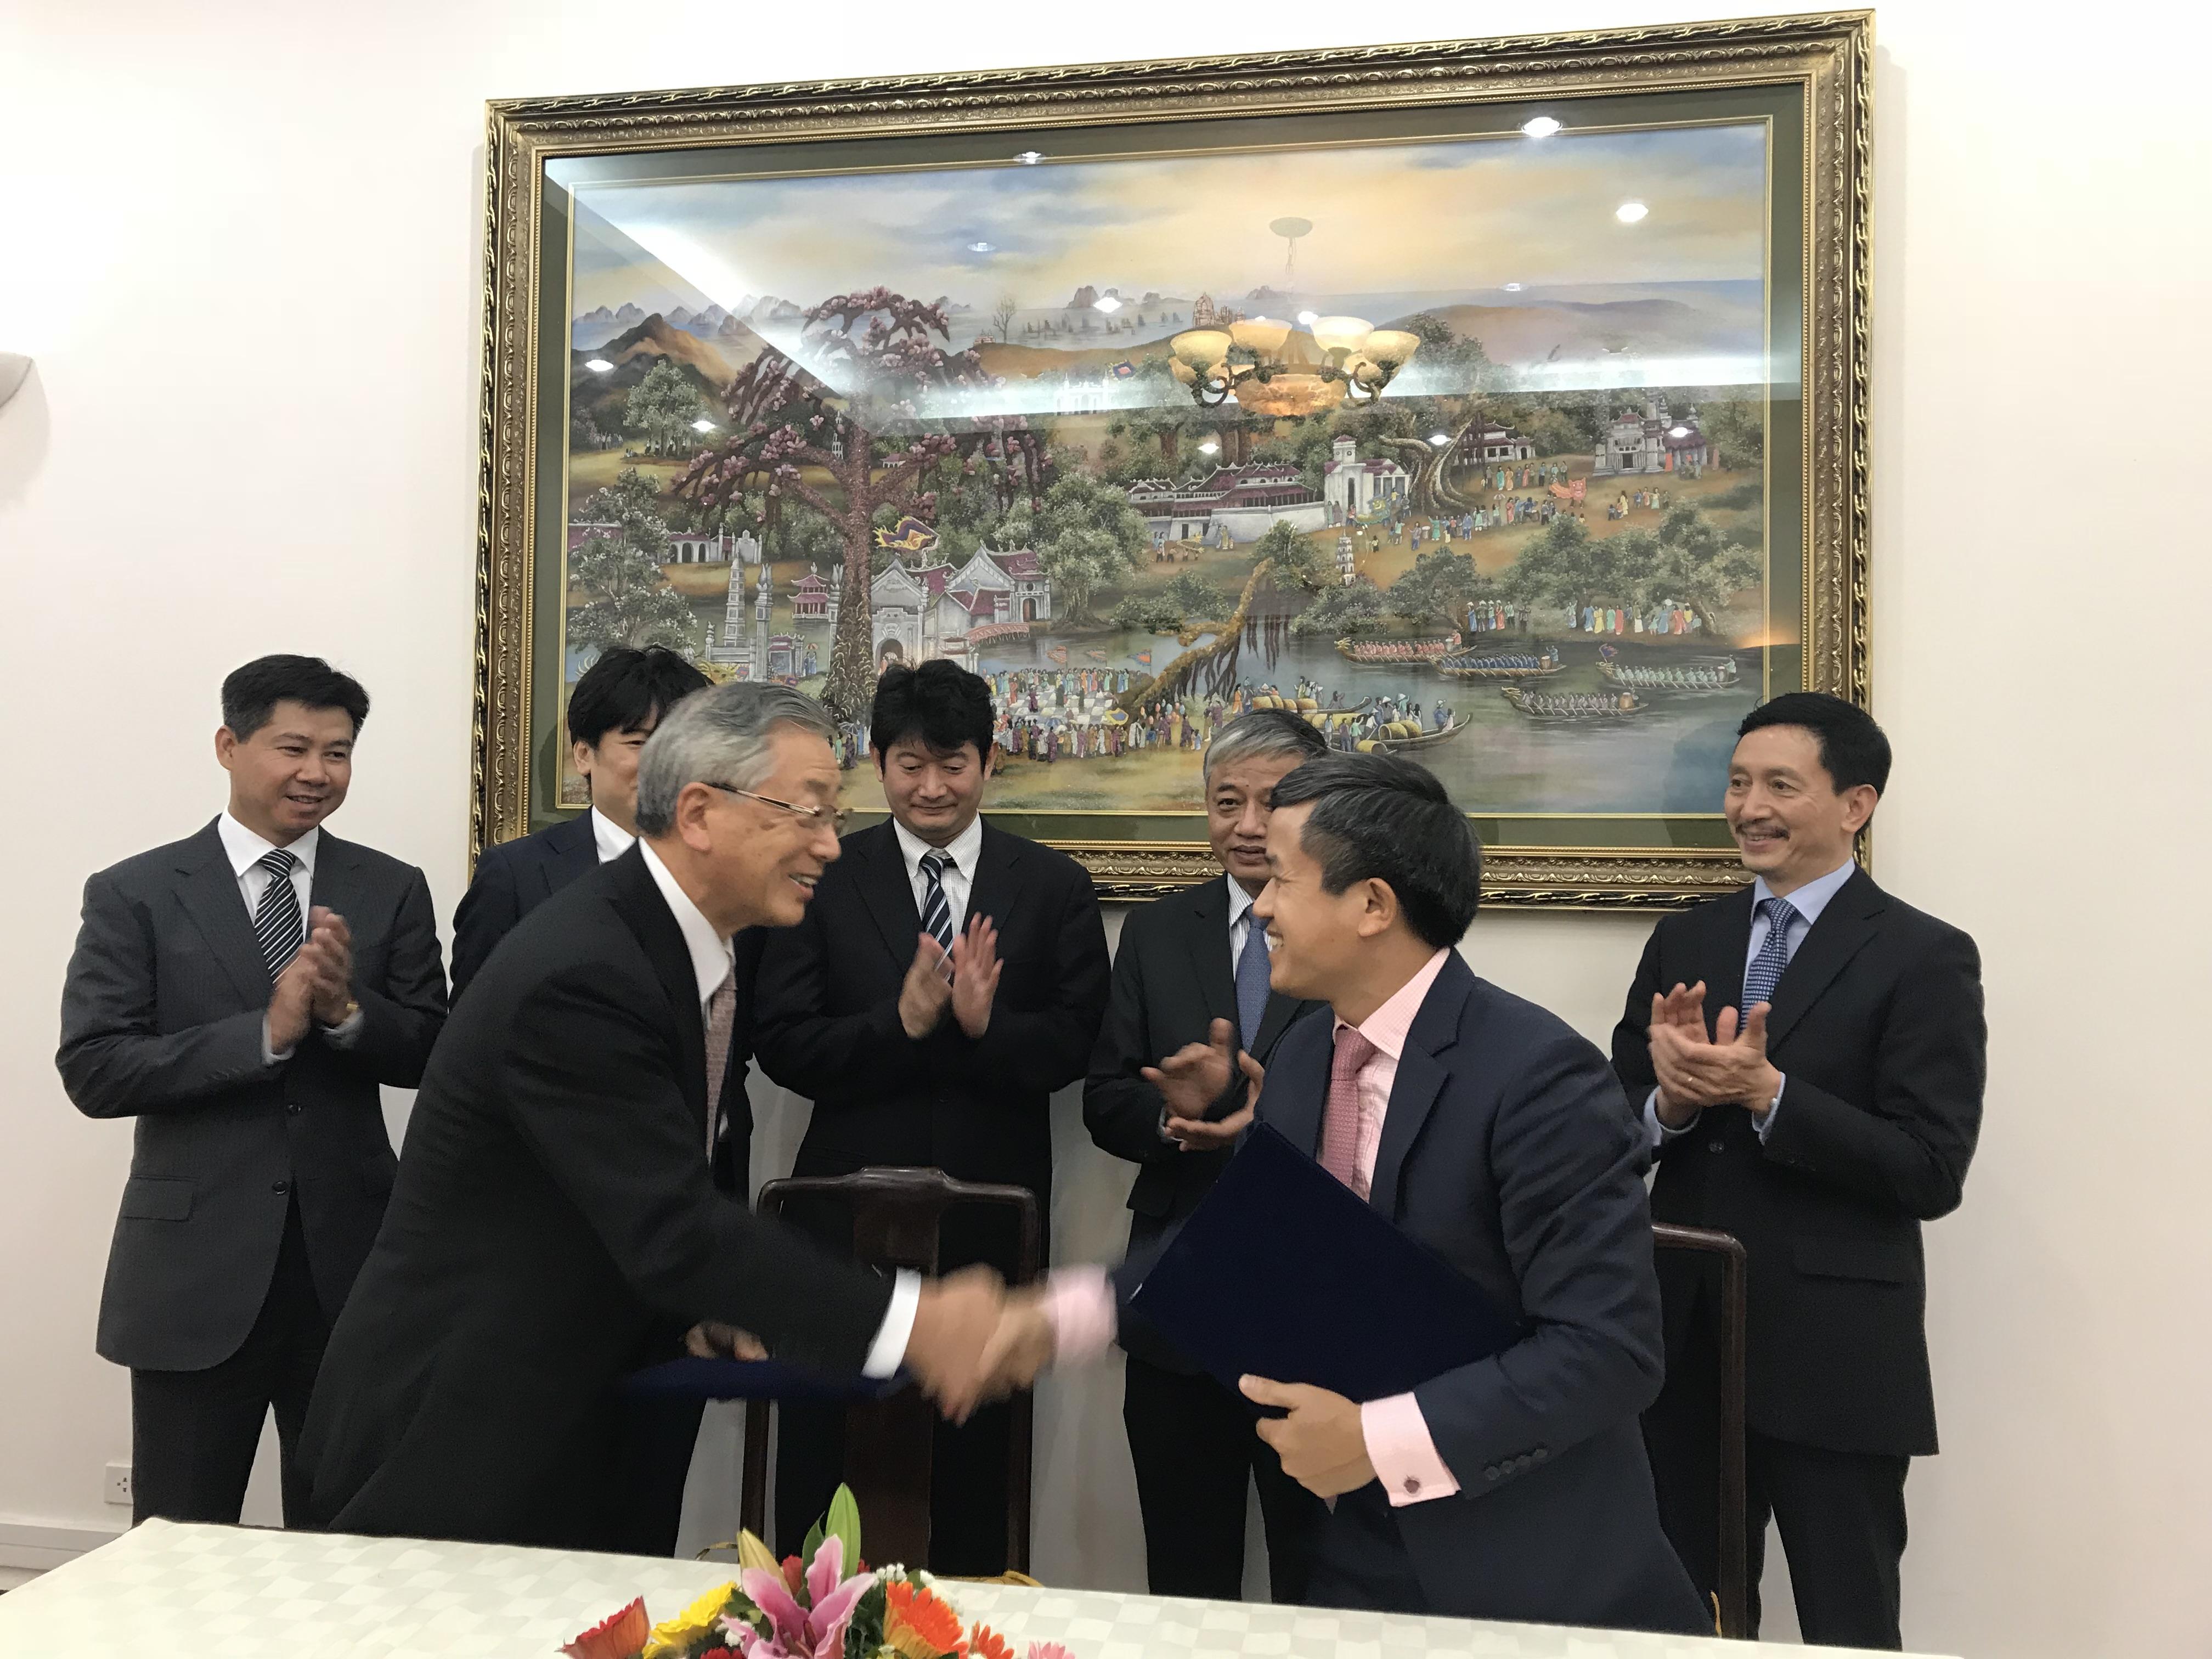 """Ký kết """"Bản ghi nhớ hợp tác về việc triển khai chương trình thực tập kỹ năng"""" giữa Việt nam và Nhật bản"""